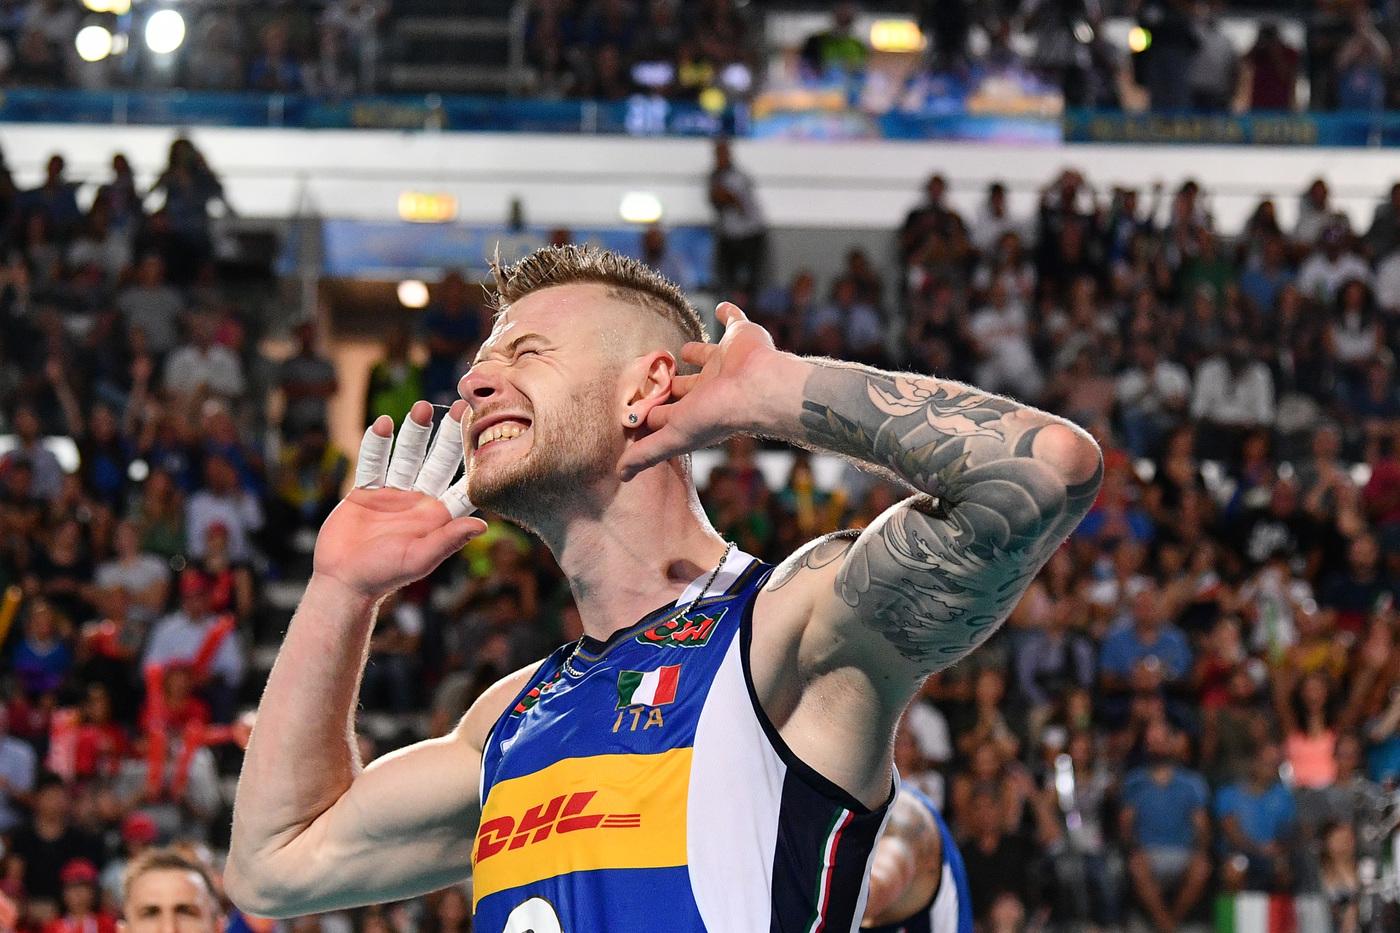 Calendario Italia Volley.Mondiali Volley 2018 Buona La Prima Per L Italia Il